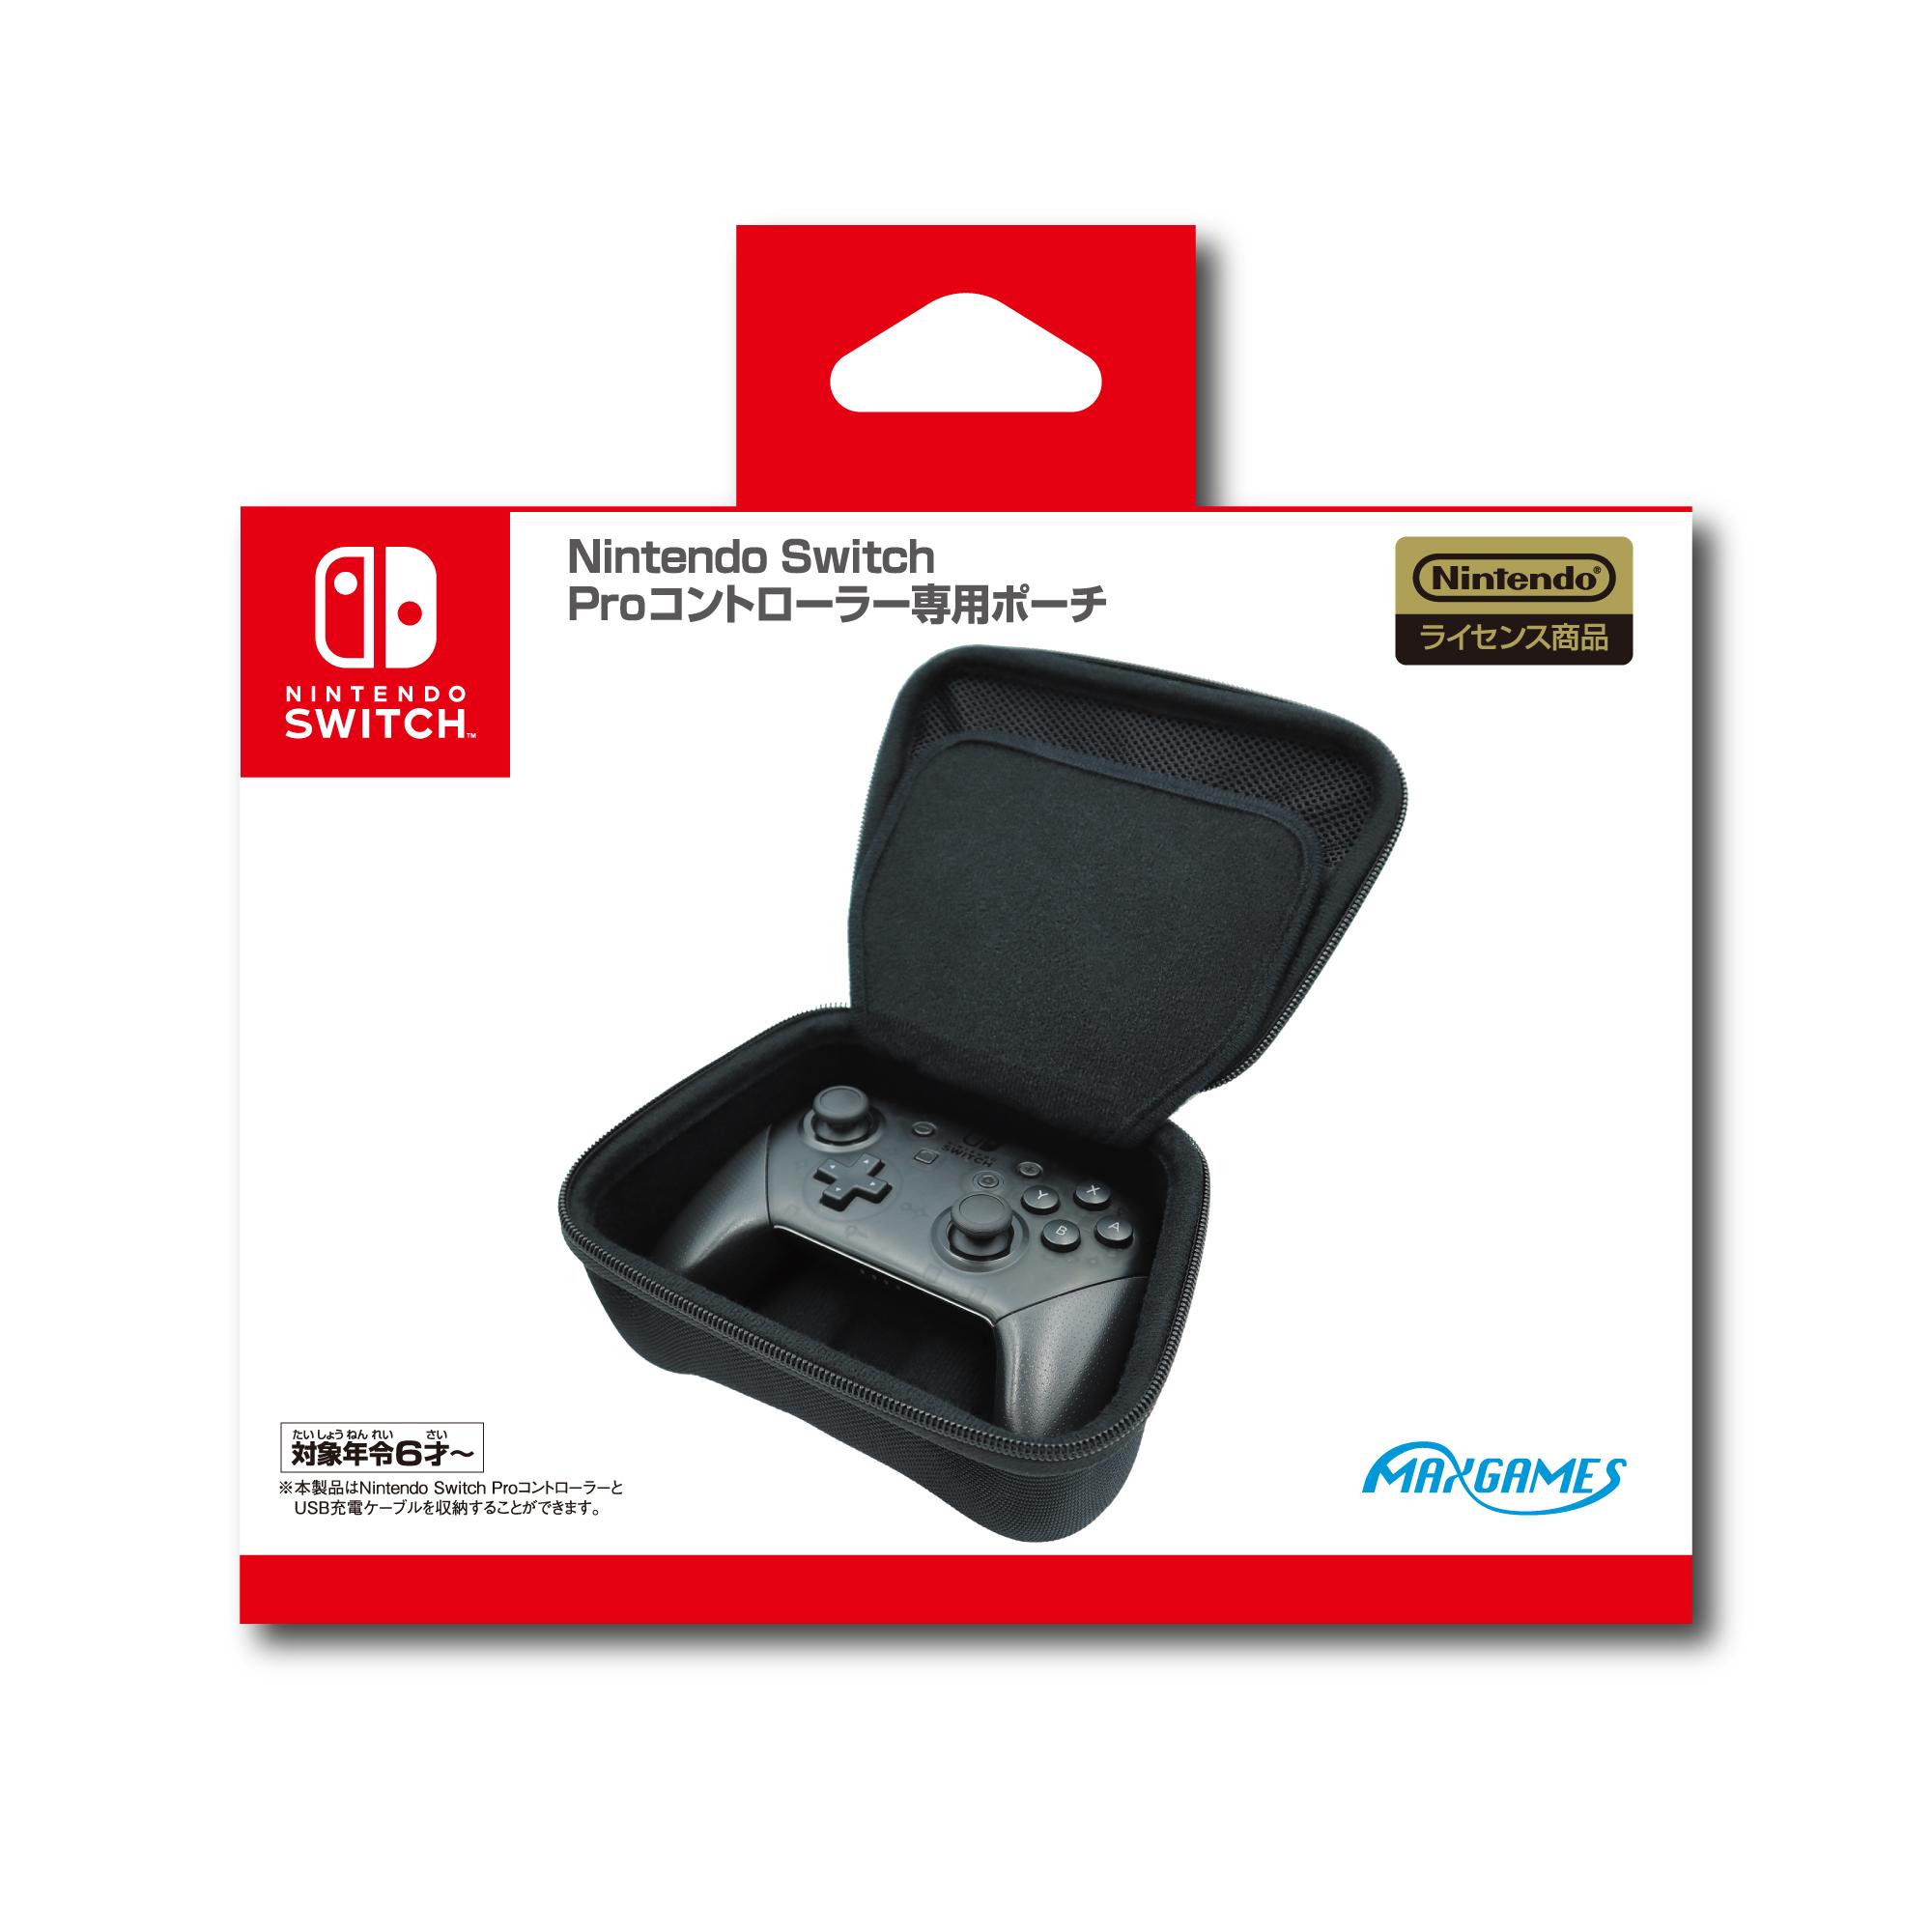 Nintendo Switch Proコントローラー<br>専用ポーチ ブラック